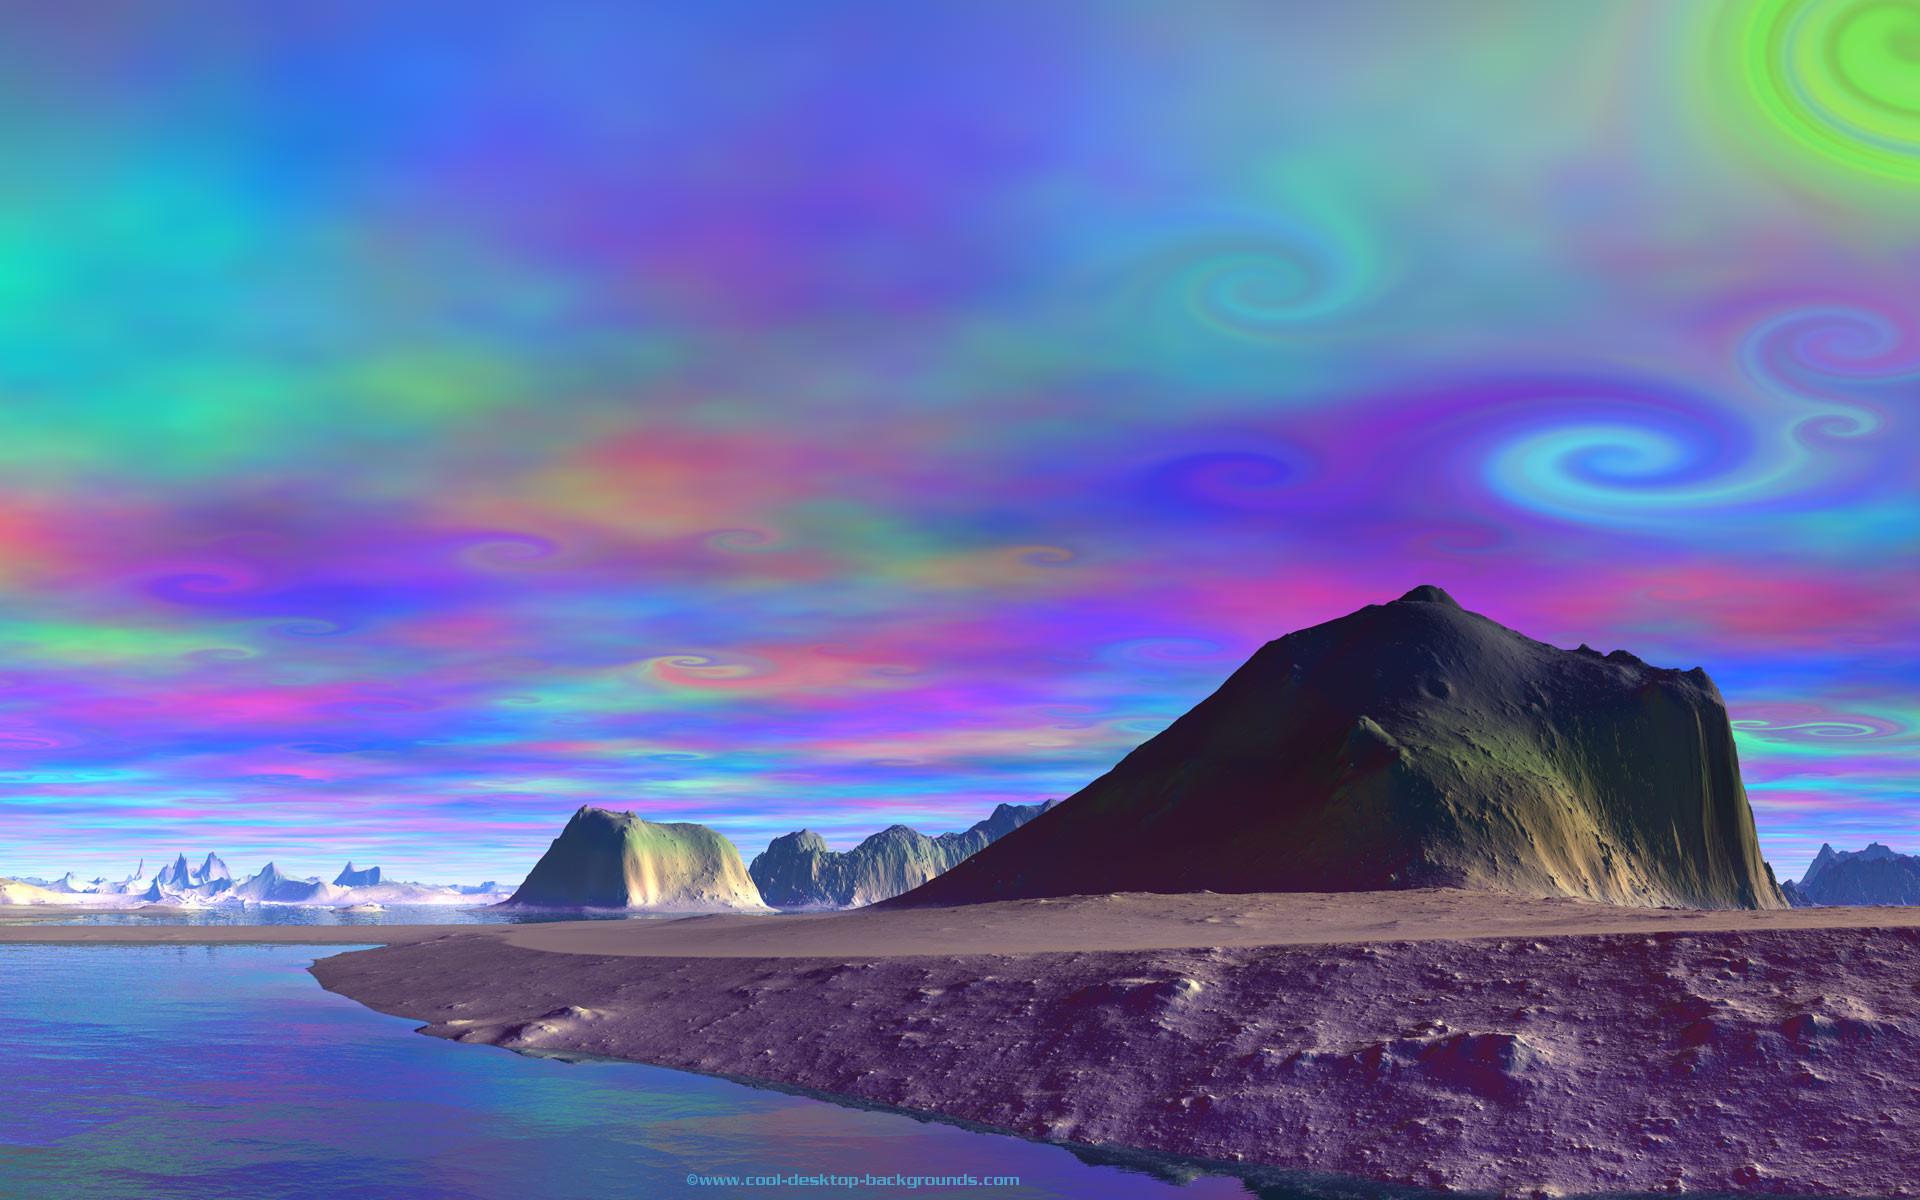 Alien planet landscapes wallpaper 66 images - Alien desktop ...